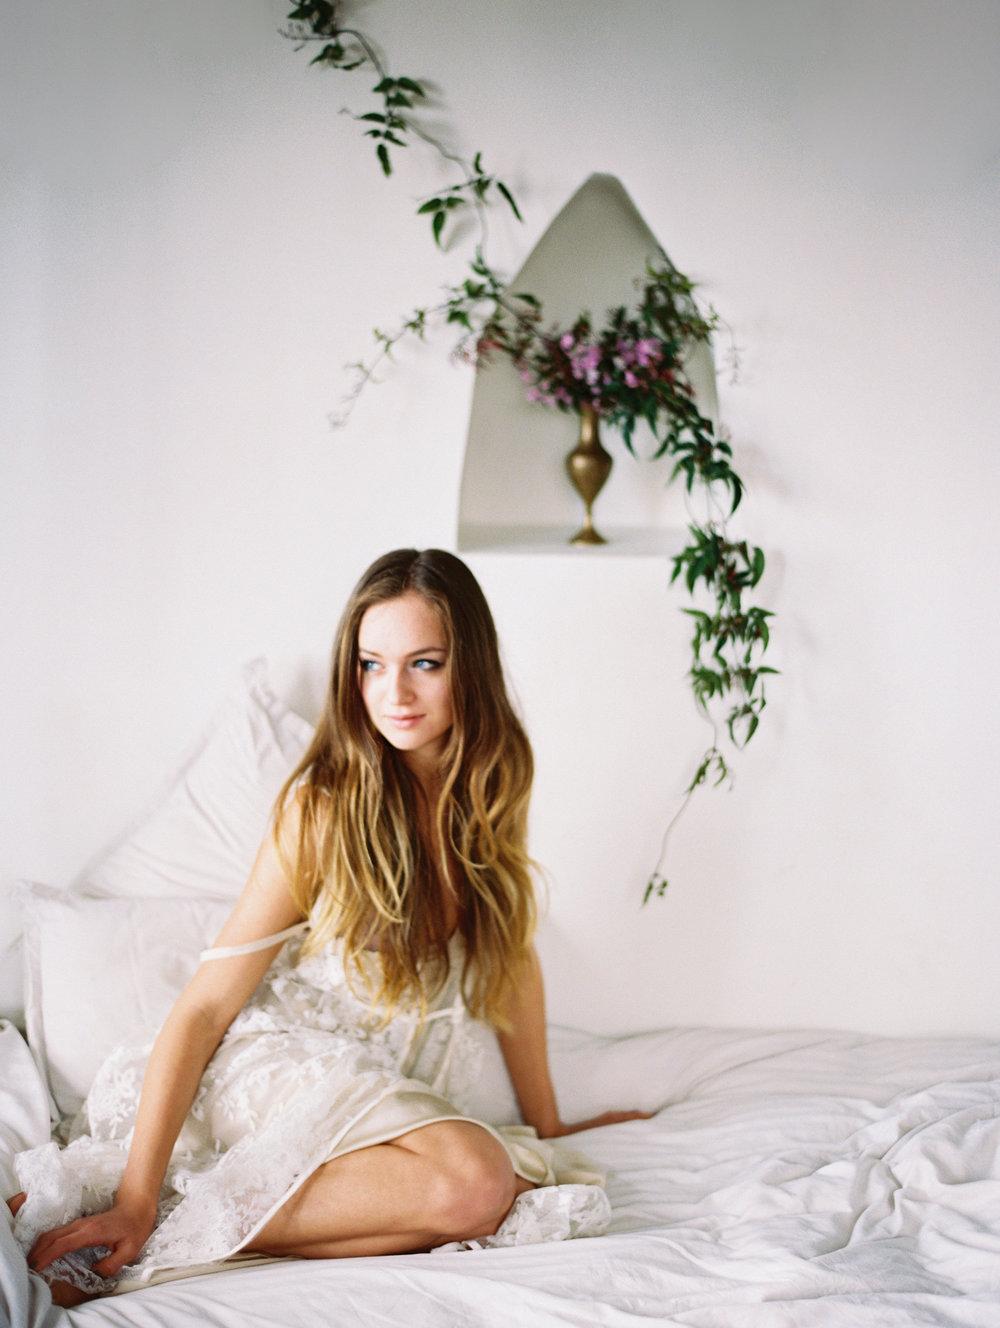 Nina&WesPhotography_MorningRetiscence_114.jpg